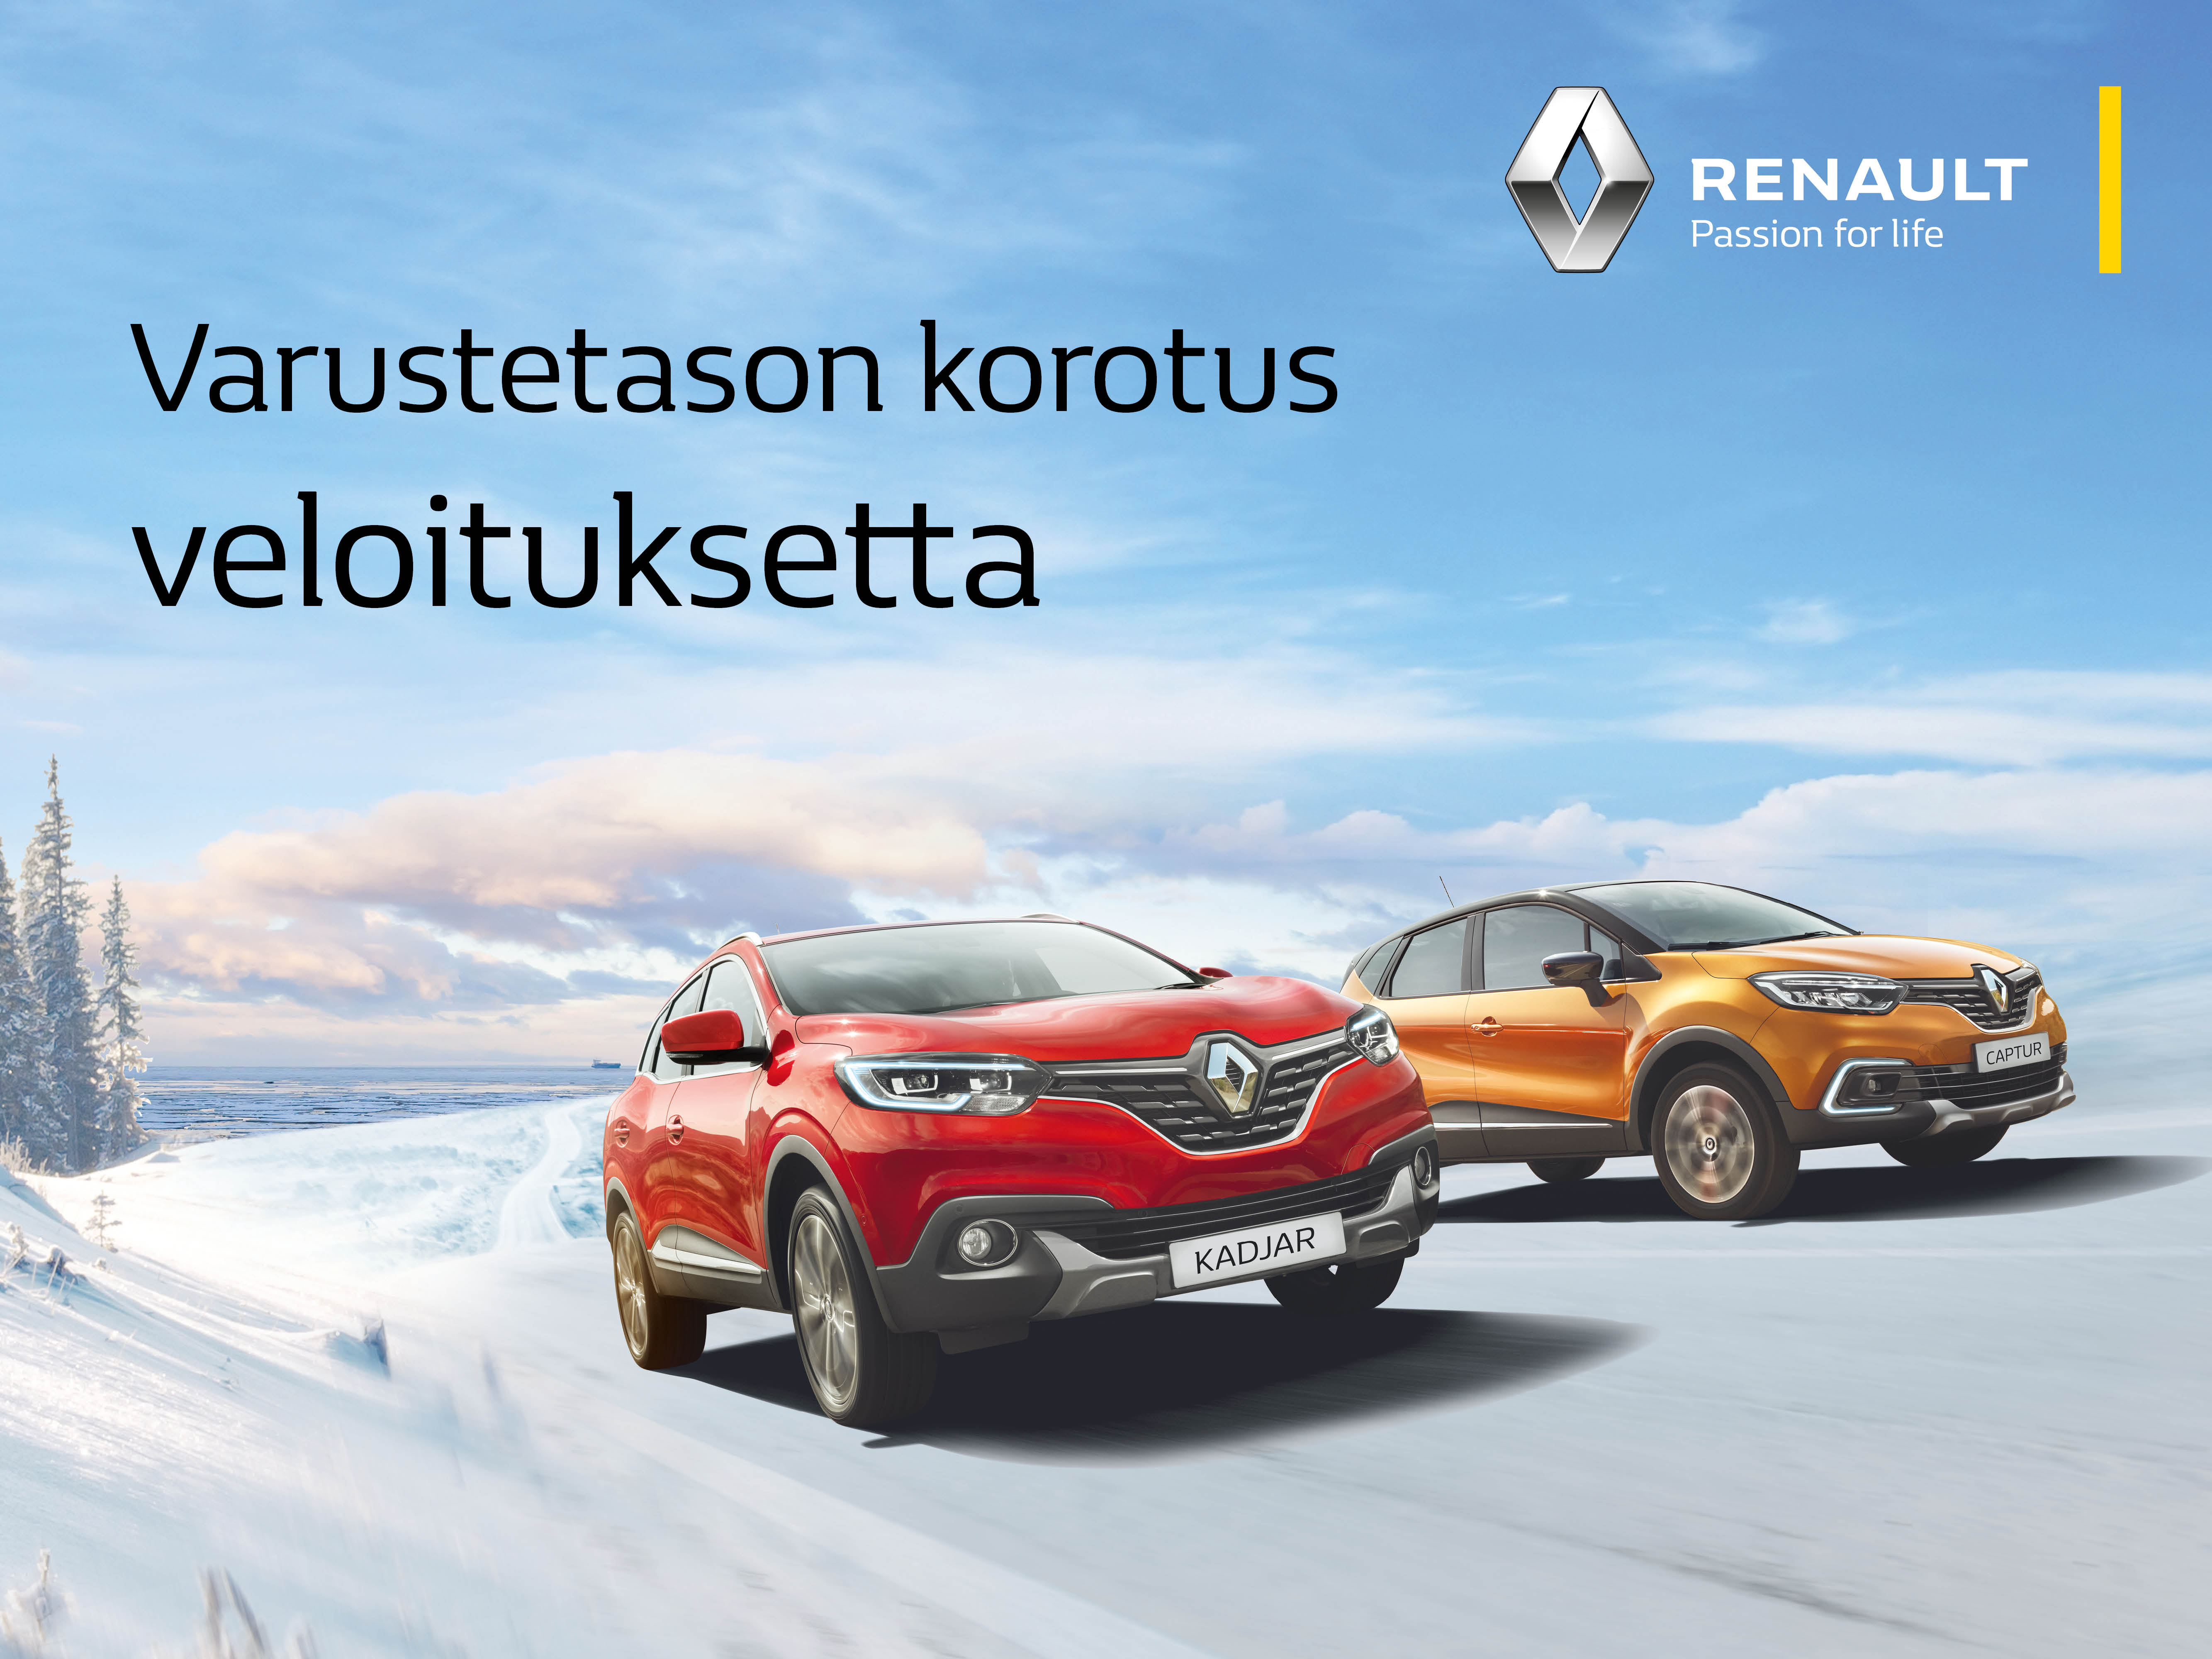 Renaultin ostajalle varustetason korotus veloituksetta